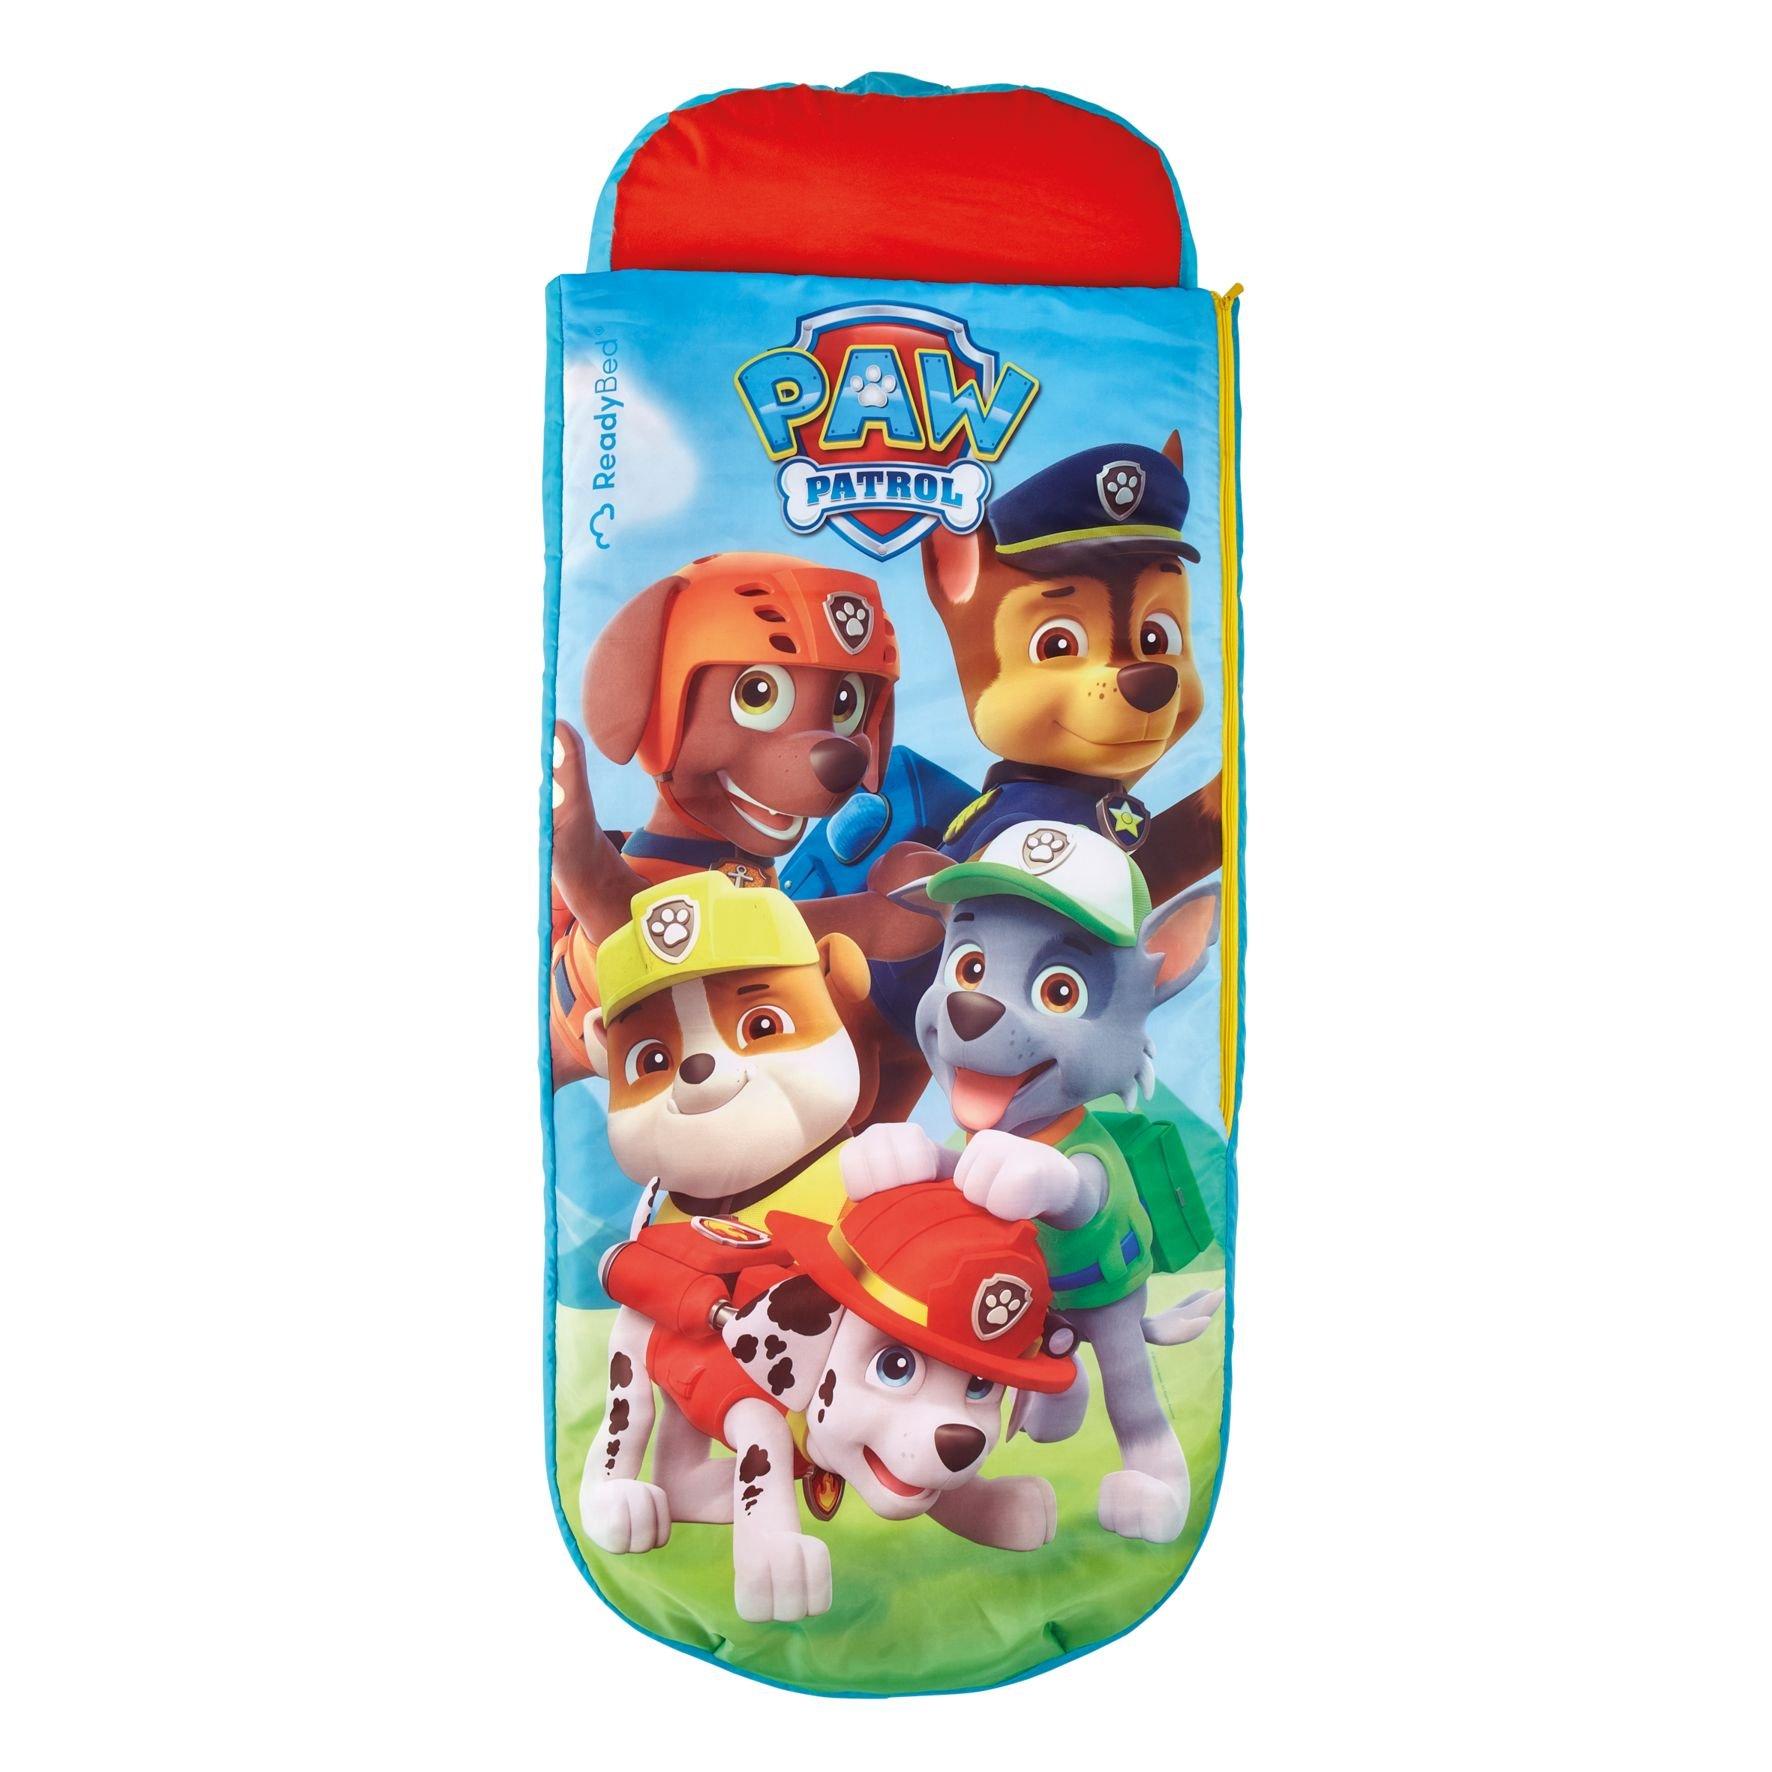 Readybed La Patrulla Canina júnior - Cama Hinchable y Saco de Dormir Infantil Dos en uno